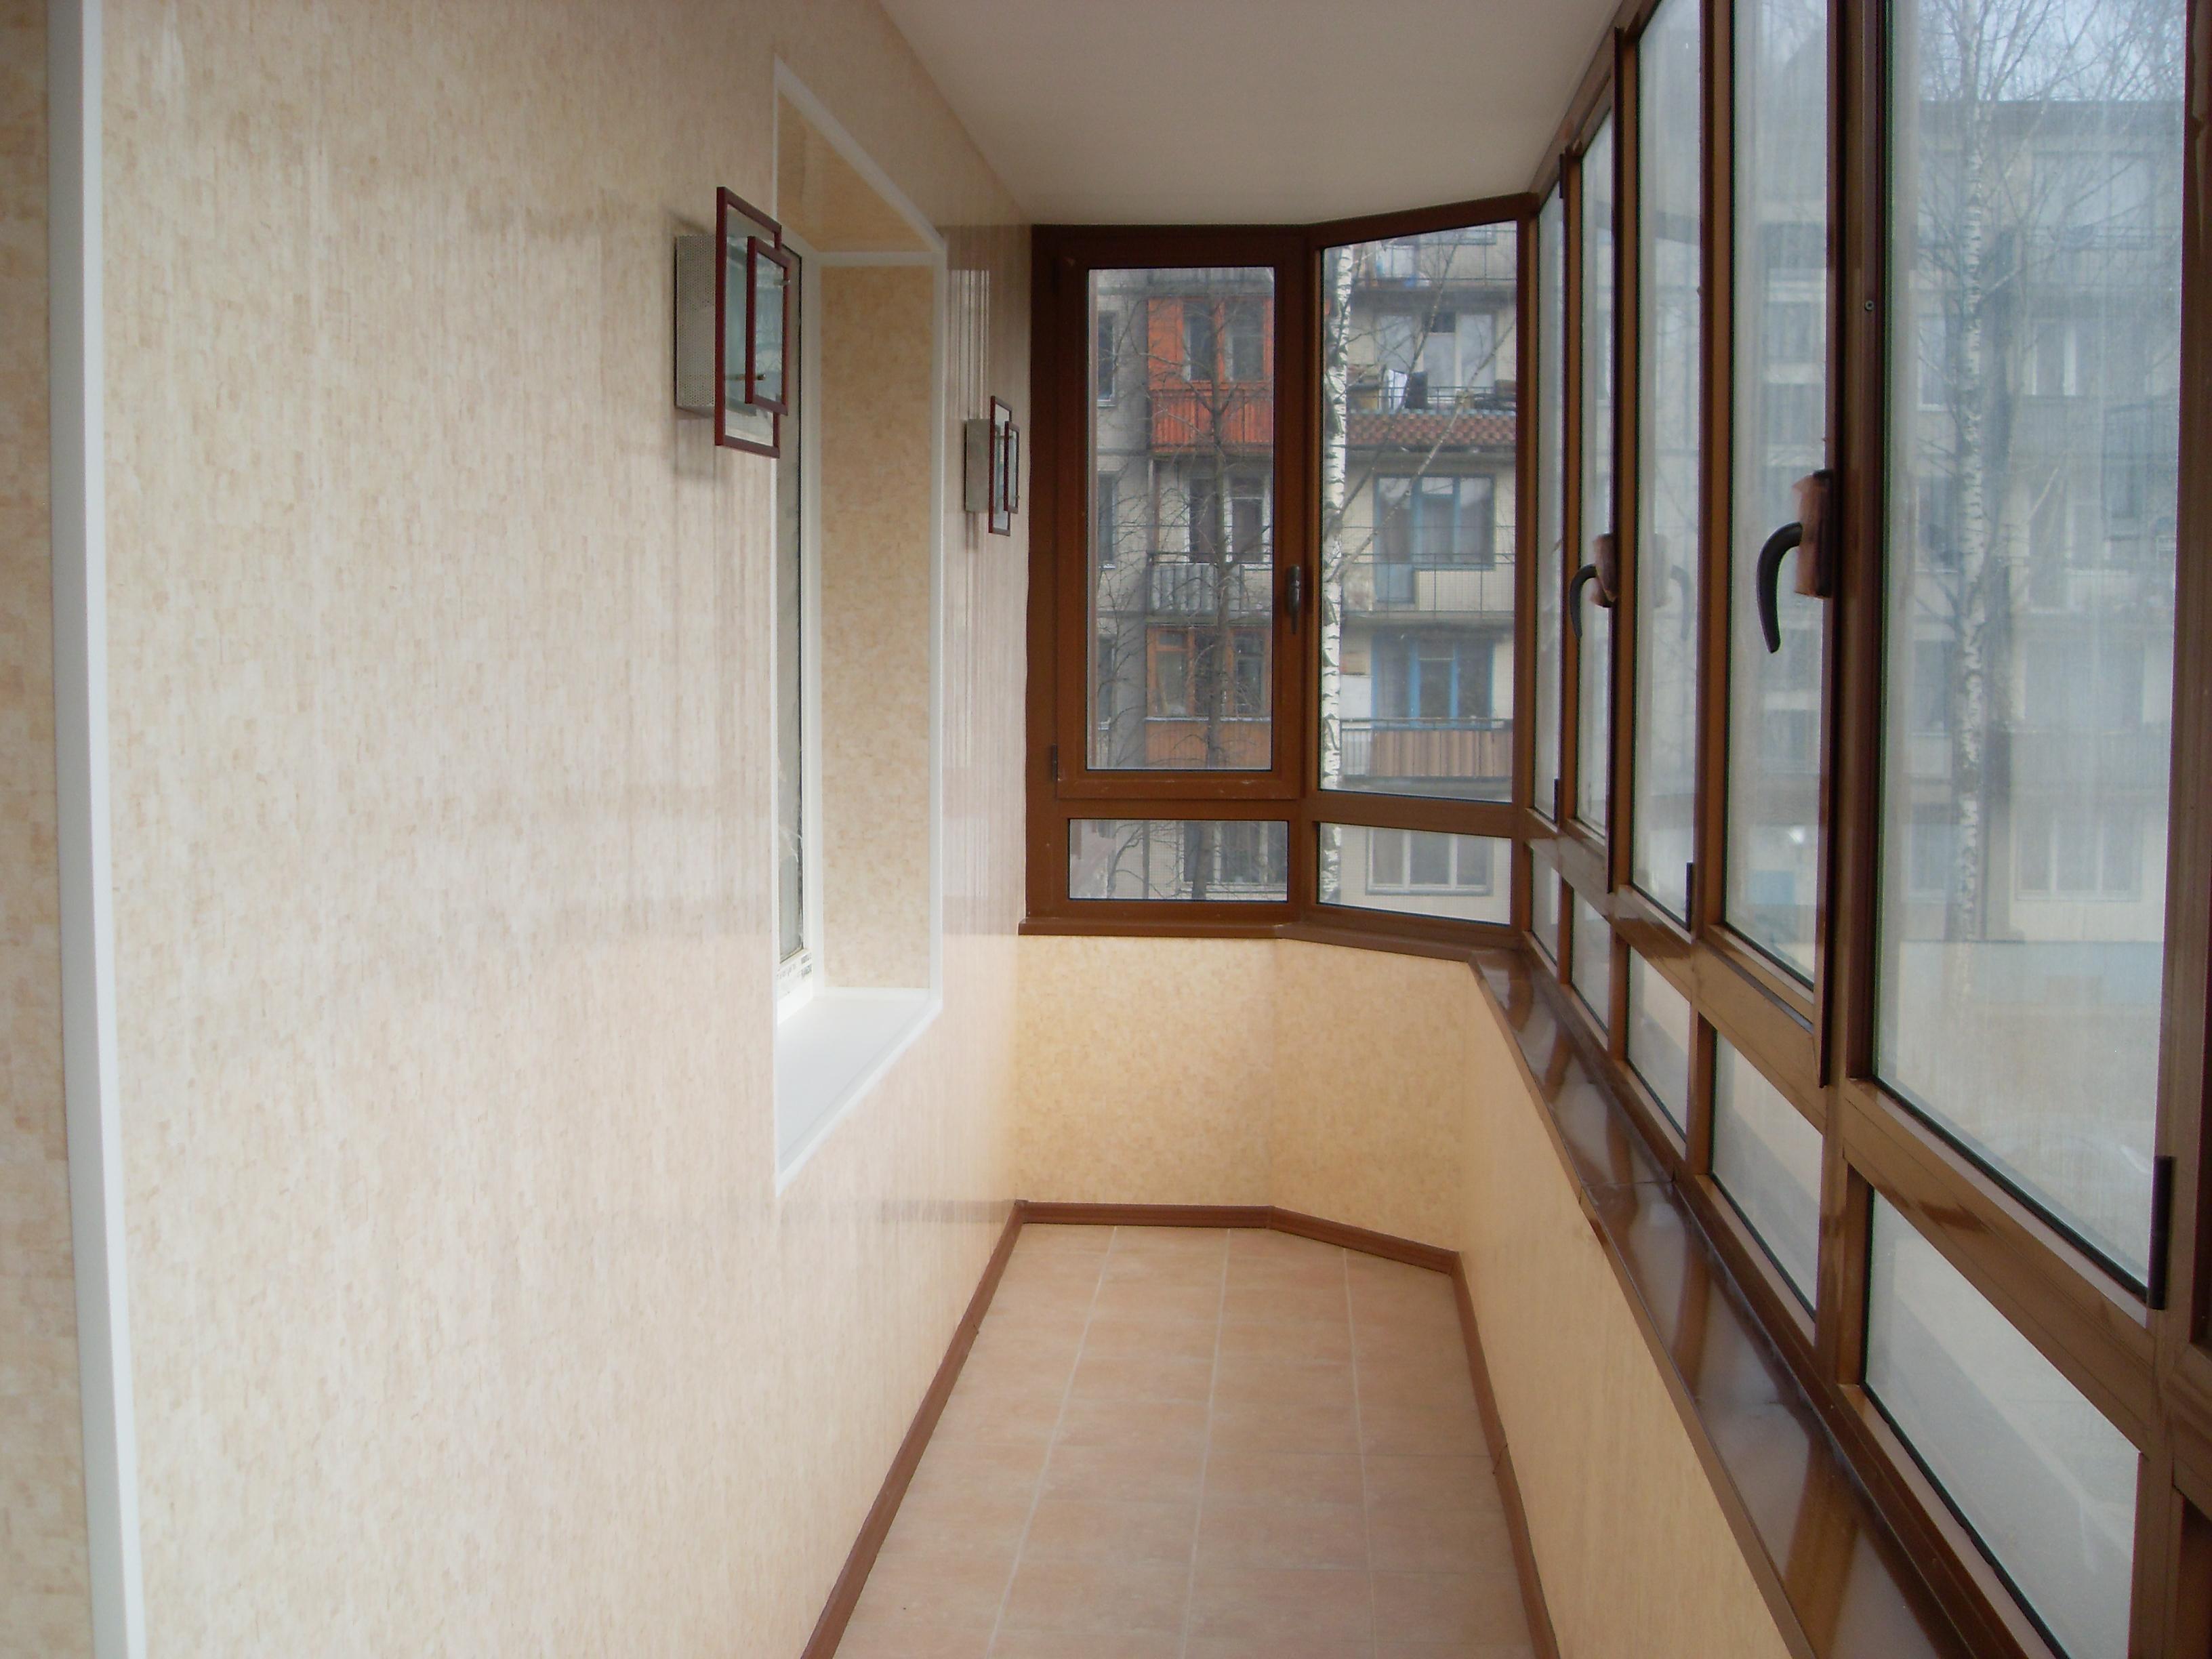 Оформление не застекленного балкона изнутри хрущевка фото..